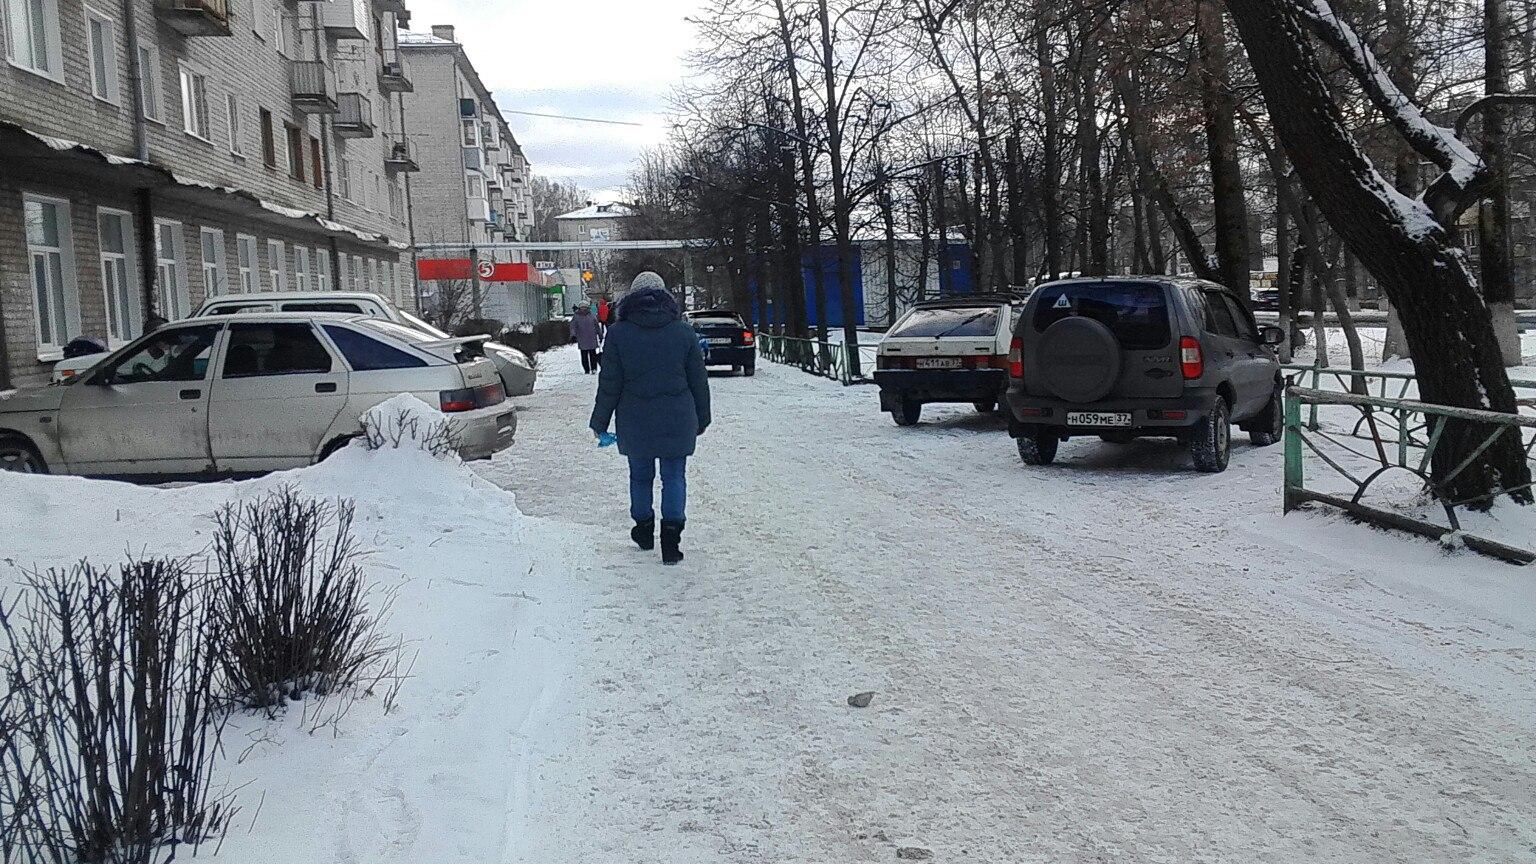 Администрация города Шуи, посмотрите на безобразие около 2 детской поликлиники, машины ездят по тротуару!